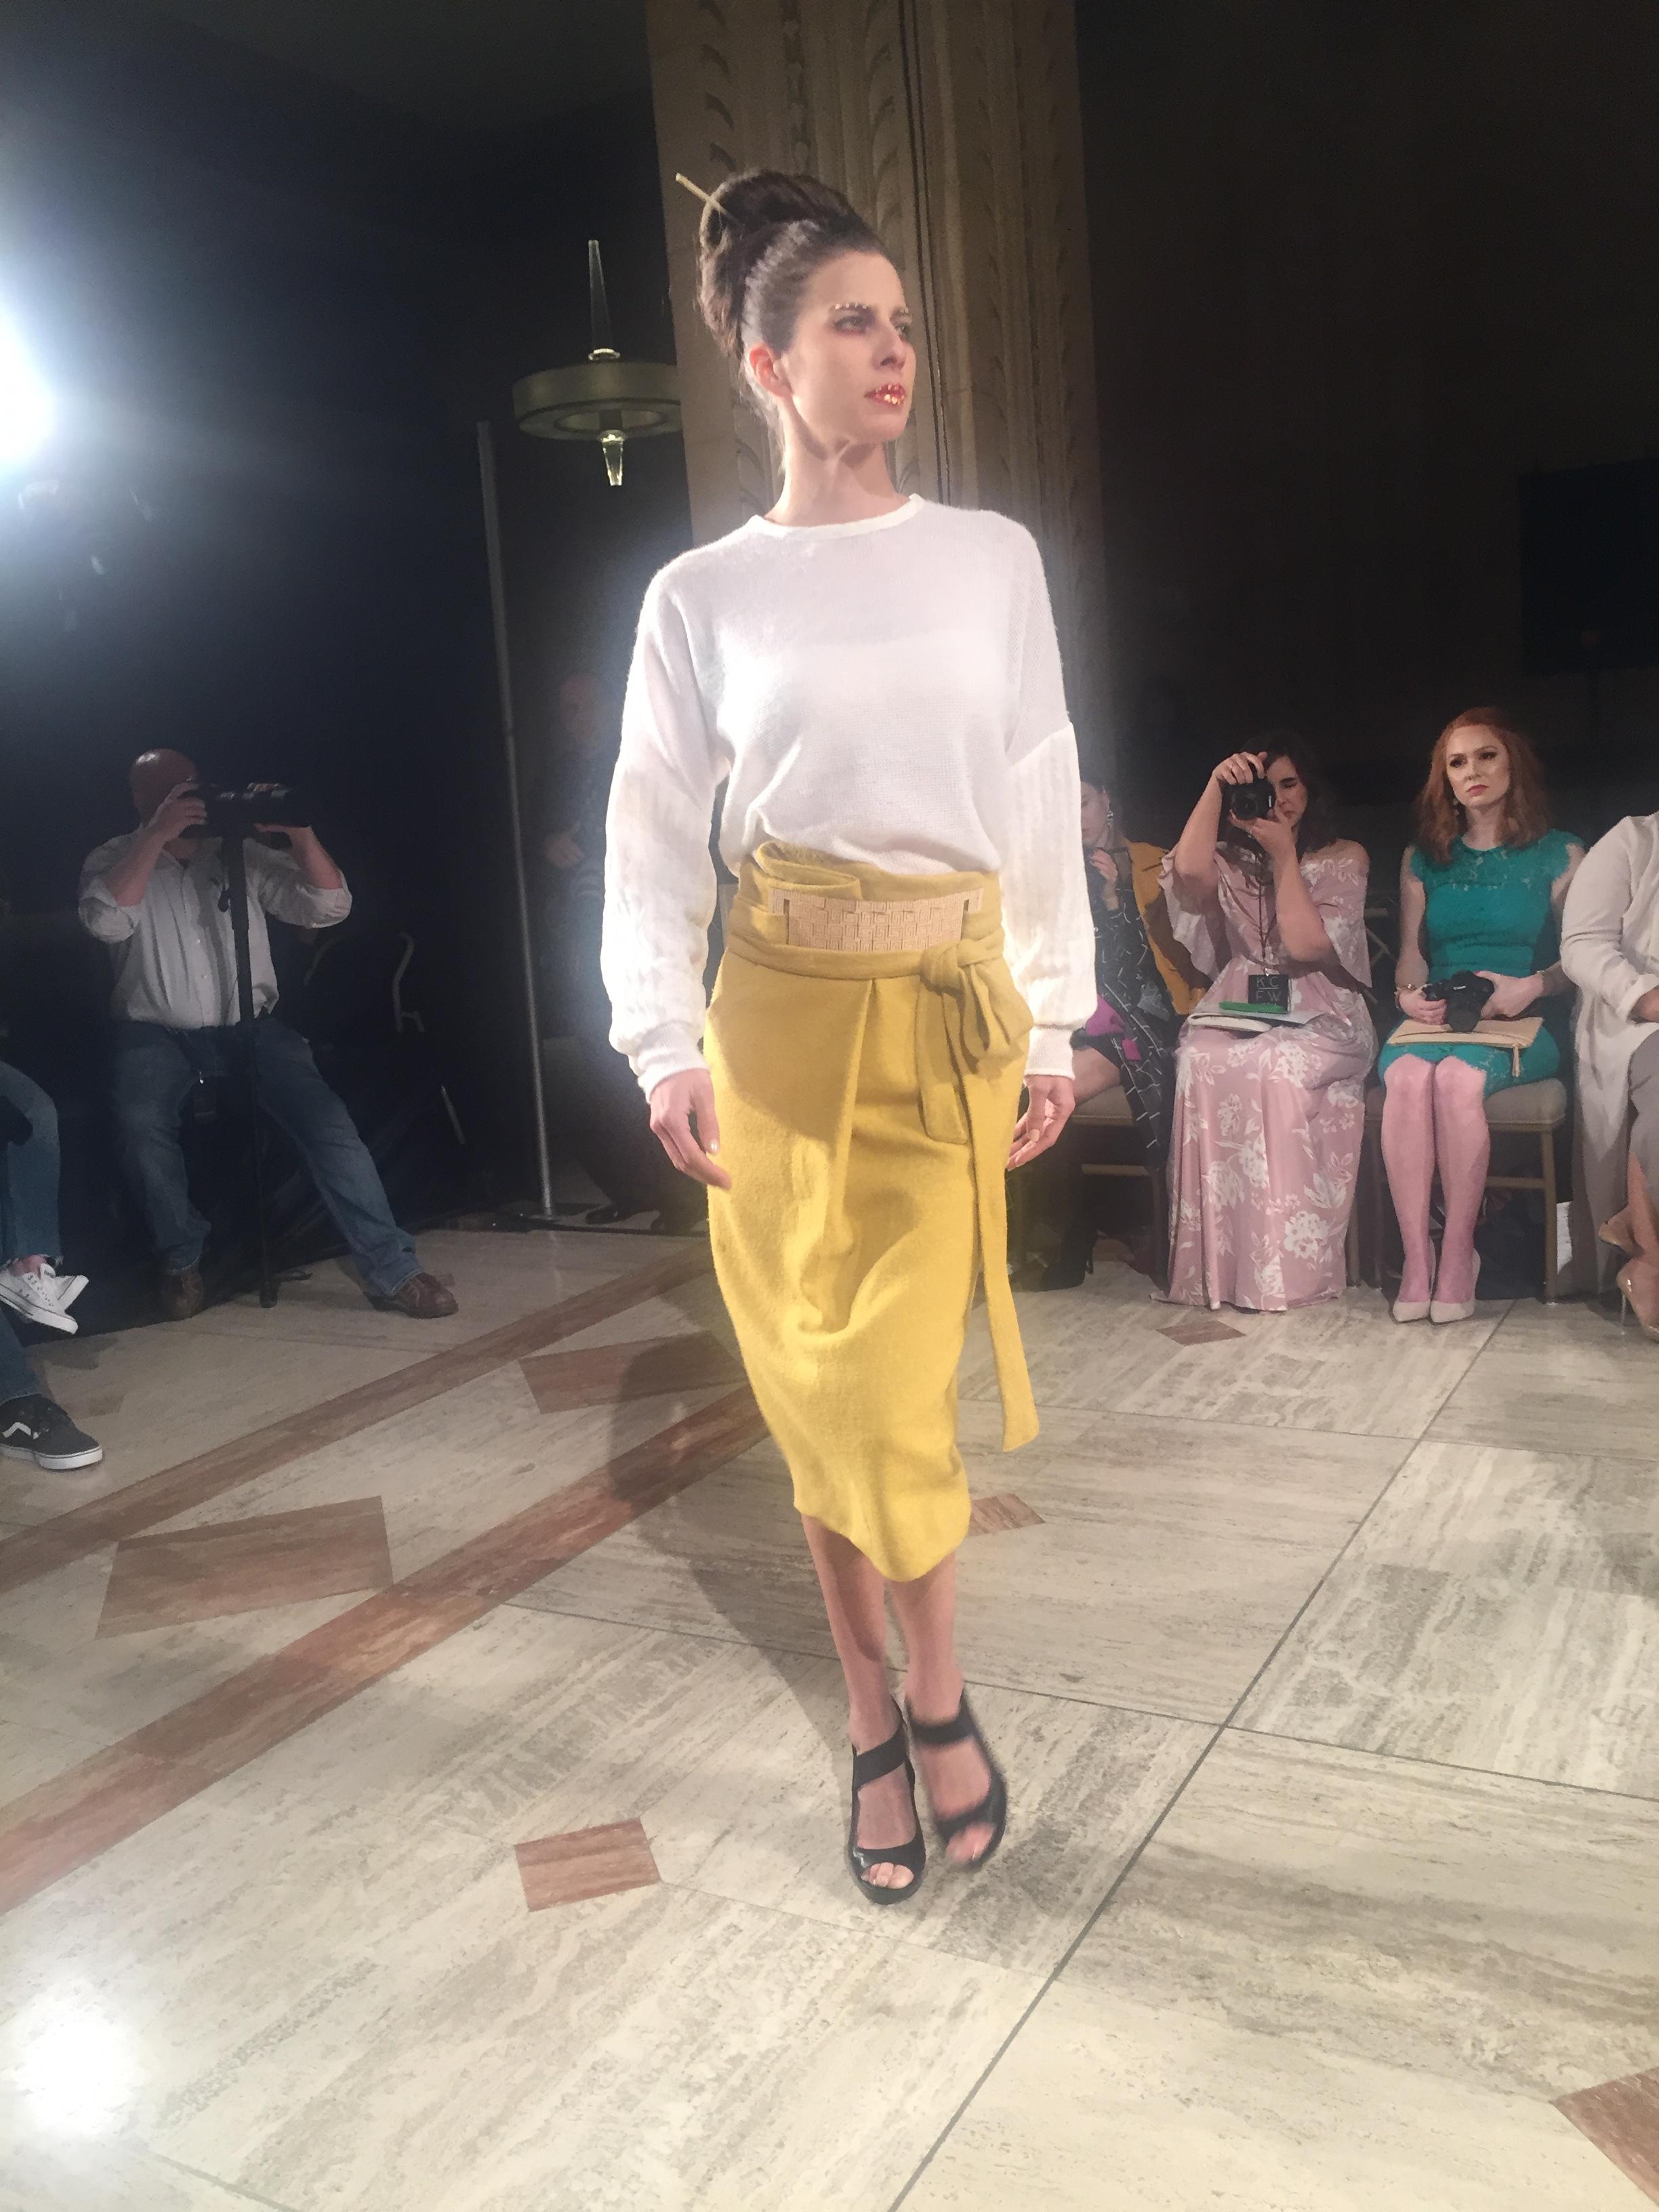 Noelle Manica for Amanda Casarez